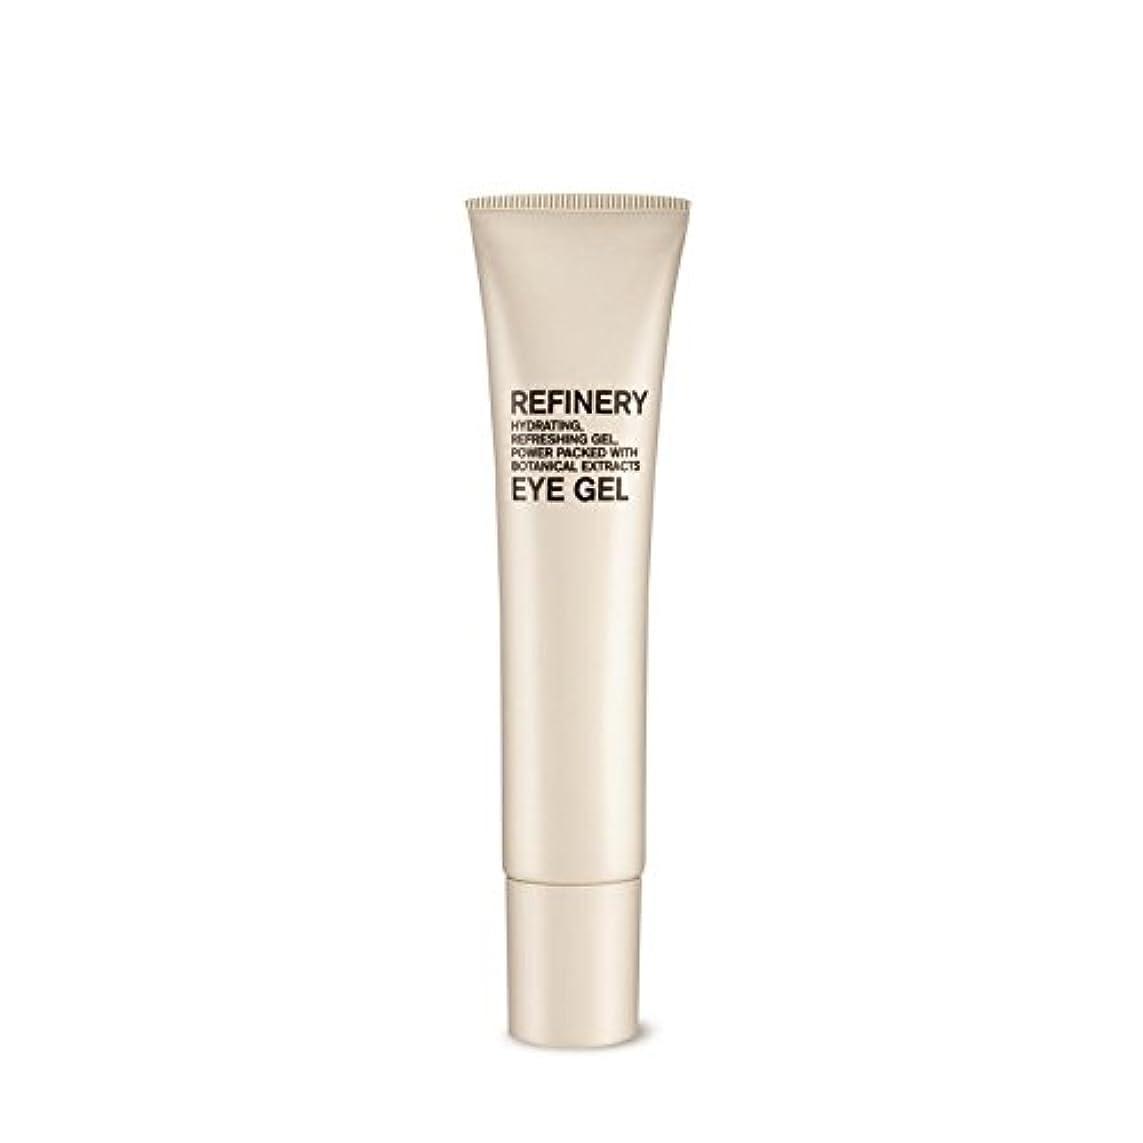 国家偶然知事The Refinery Eye Gel 15ml (Pack of 6) - 製油所目ゲル15ミリリットル x6 [並行輸入品]